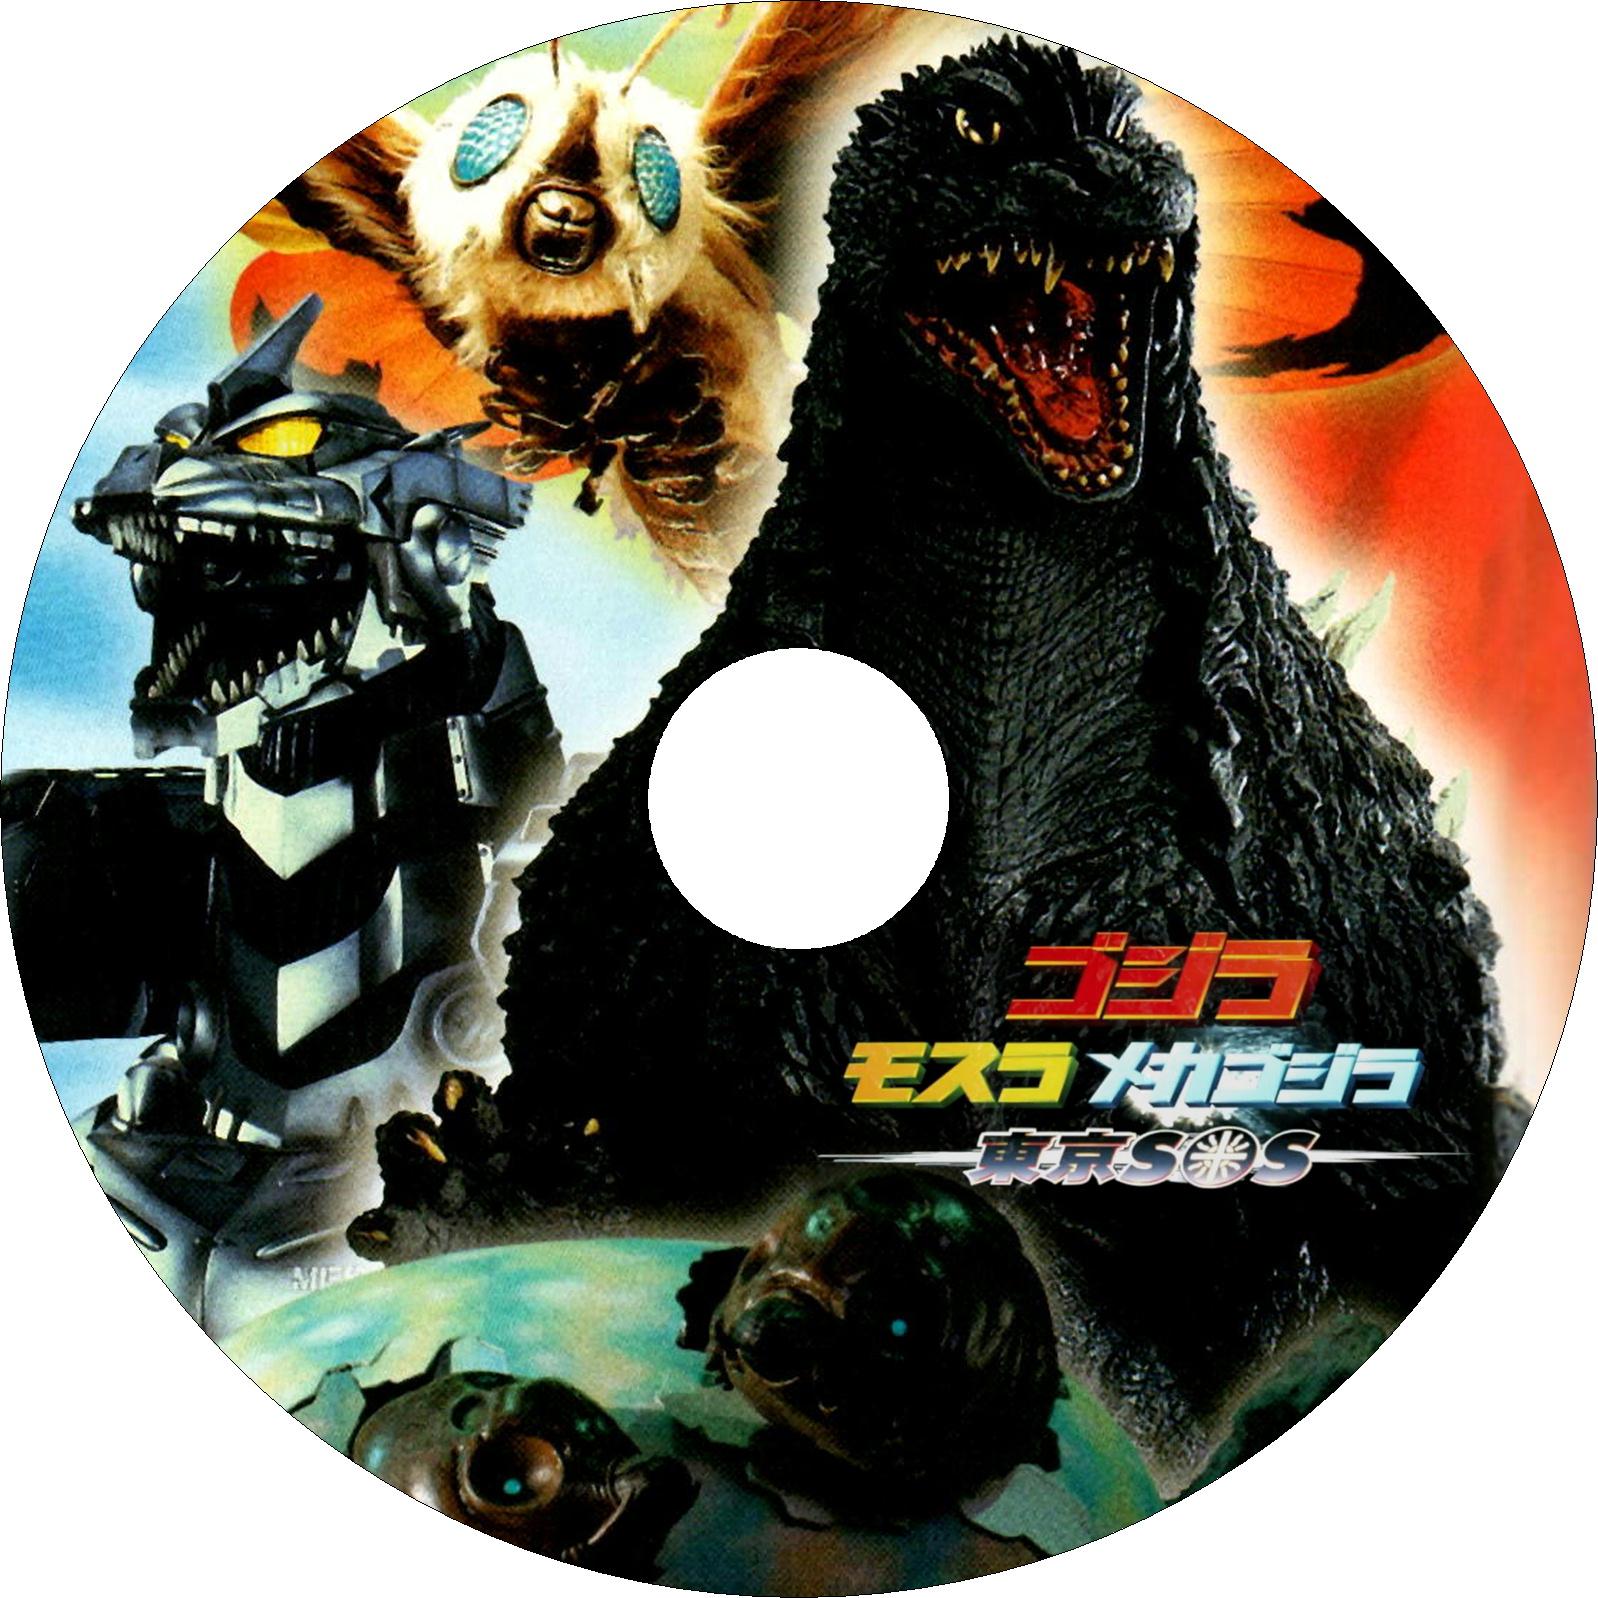 ゴジラ×モスラ×メカゴジラ 東京SOS ラベル3